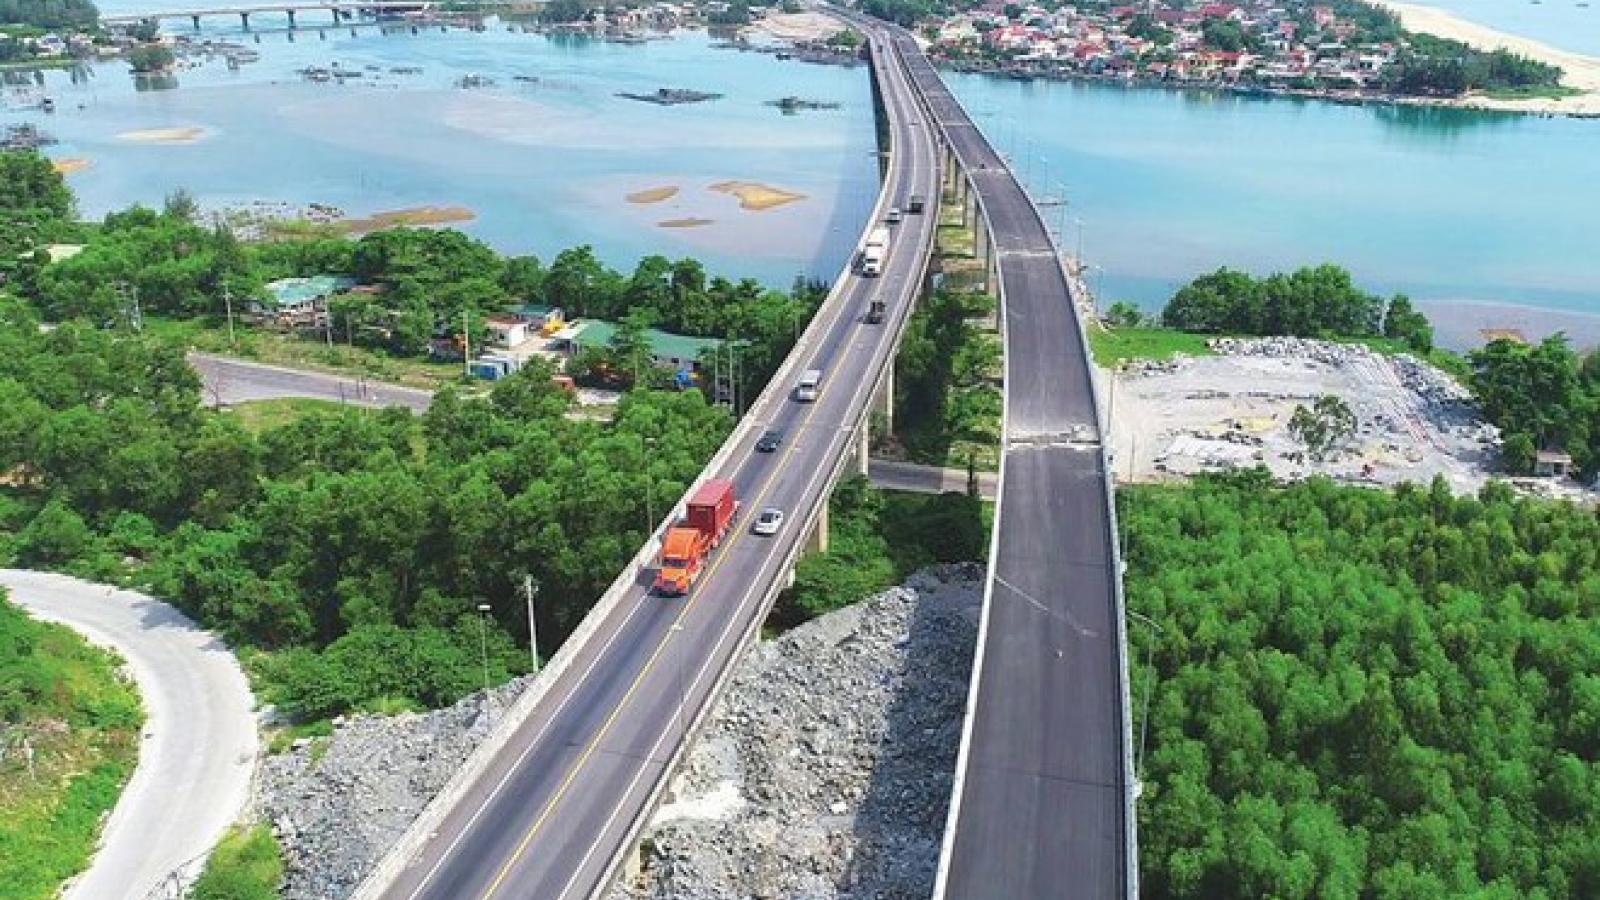 Bộ GTVT sẽ khởi công 67 dự án giao thông trọng điểm trong thời gian tới